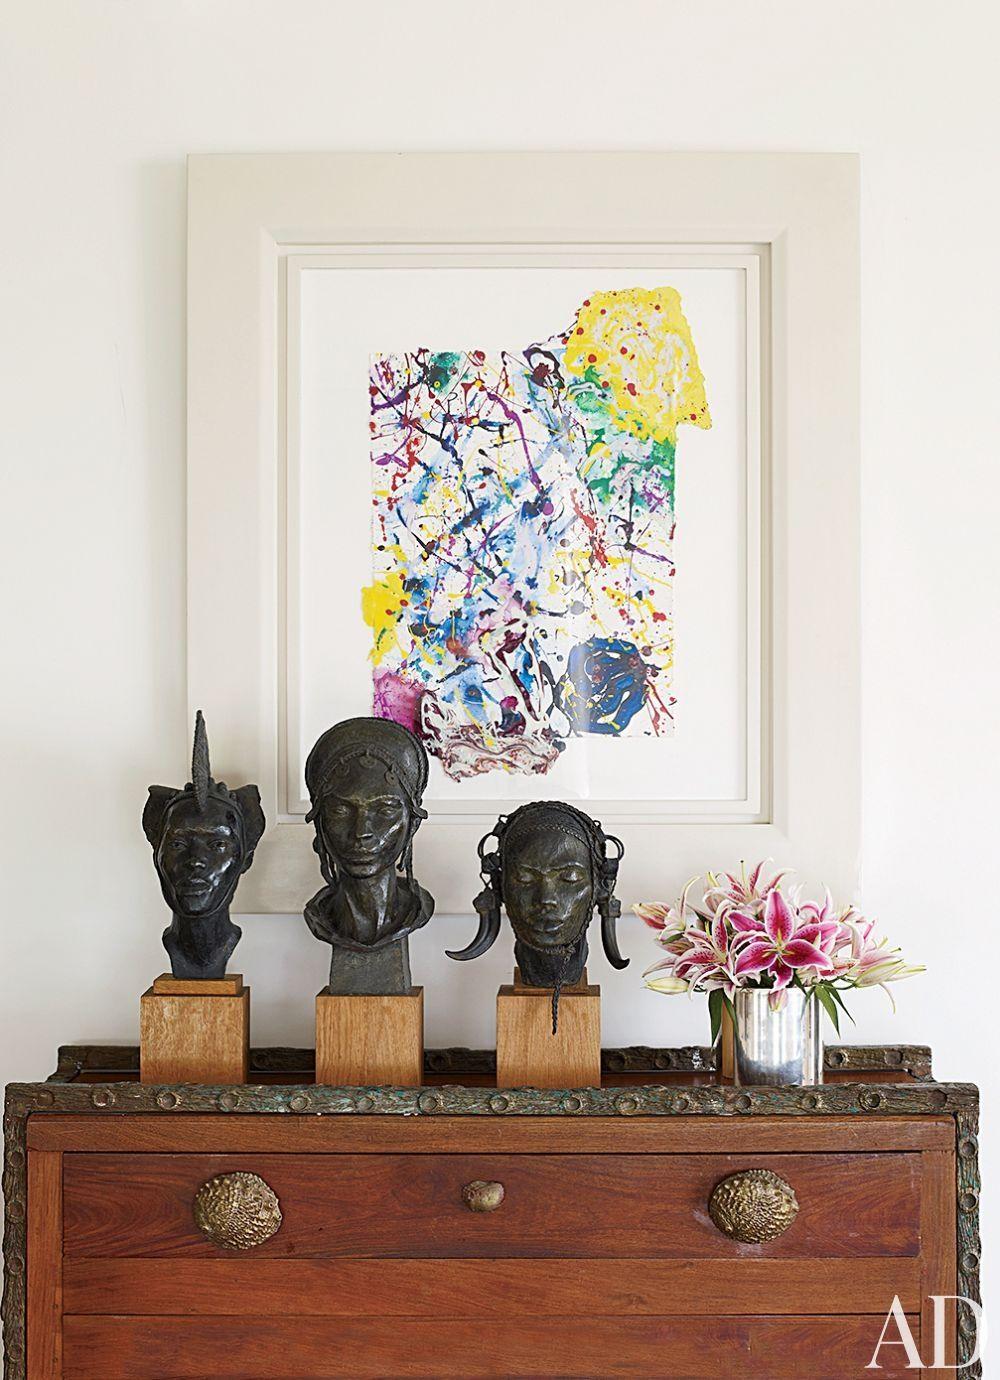 Contemporary living room by alberto pinto and bernardes jacobsen arquitectura in rio de janeiro brazil